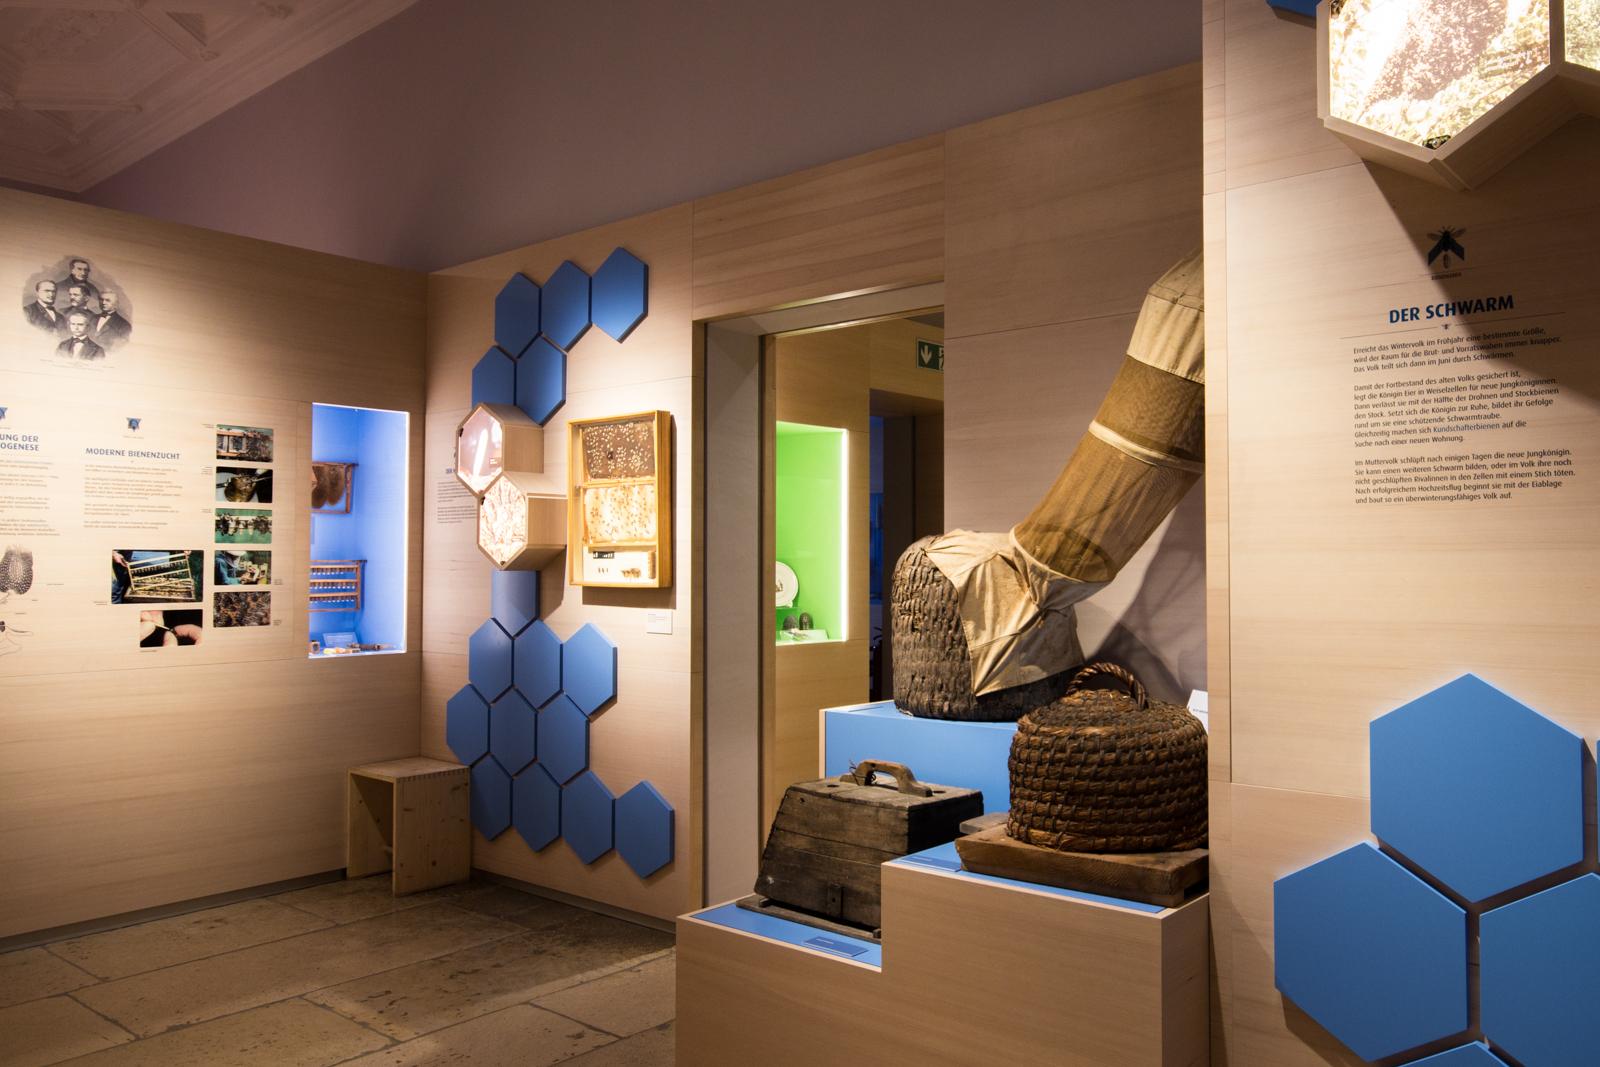 Blick in den blauen Bereich des Bienenmuseums